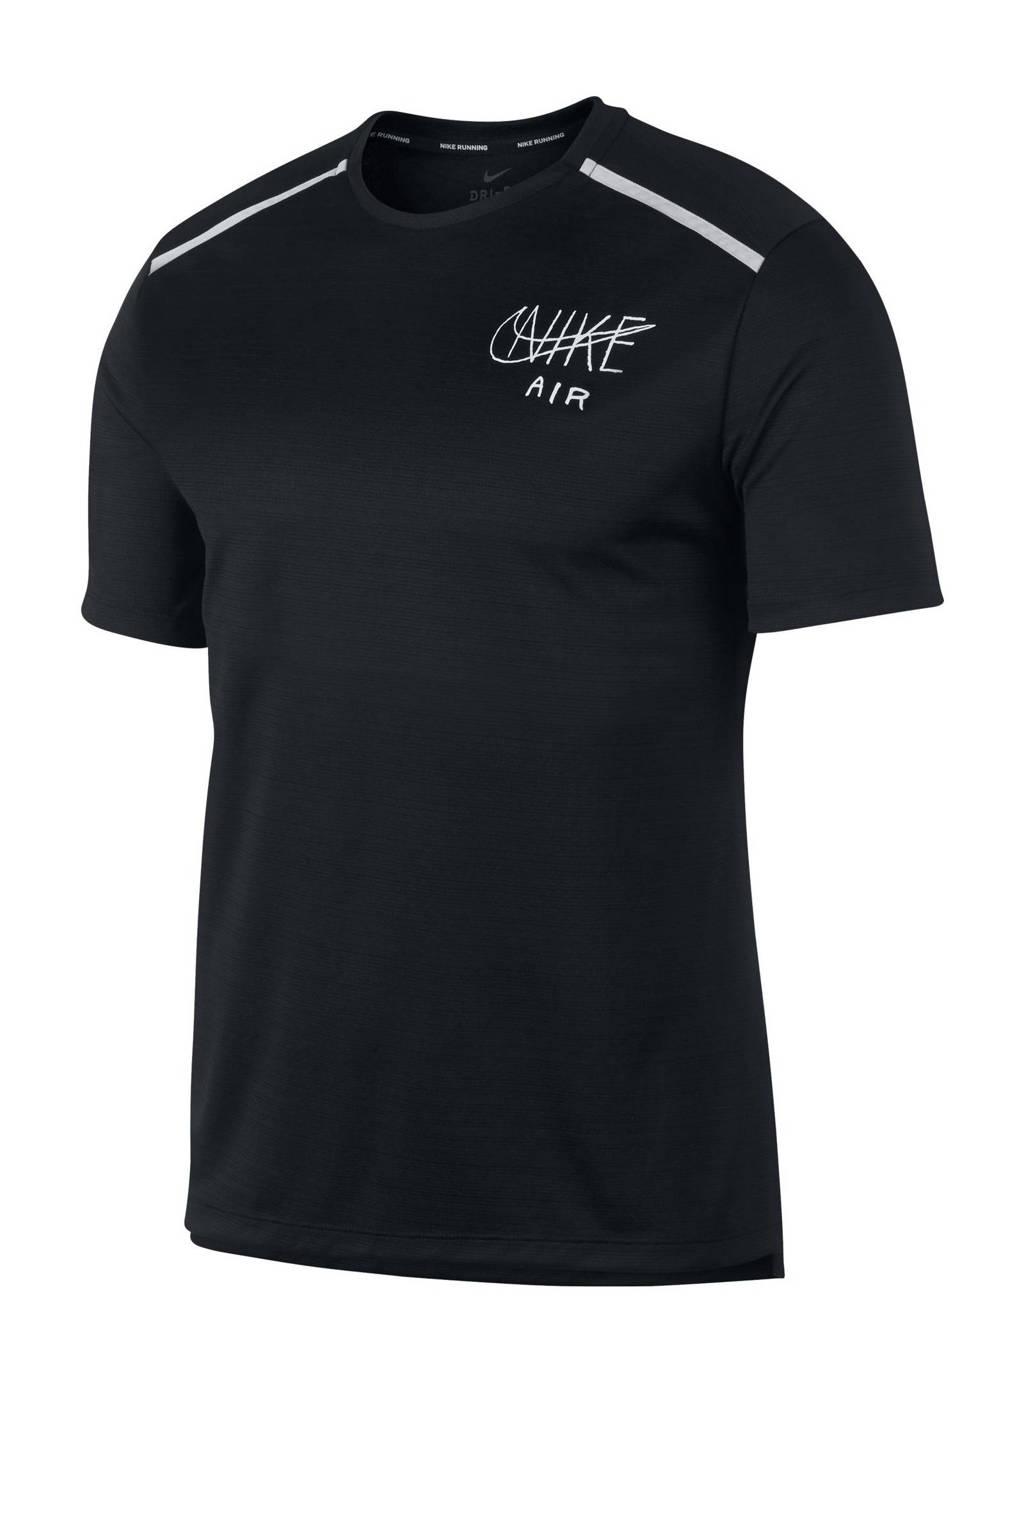 Nike   hardloop T-shirt zwart, Zwart/wit